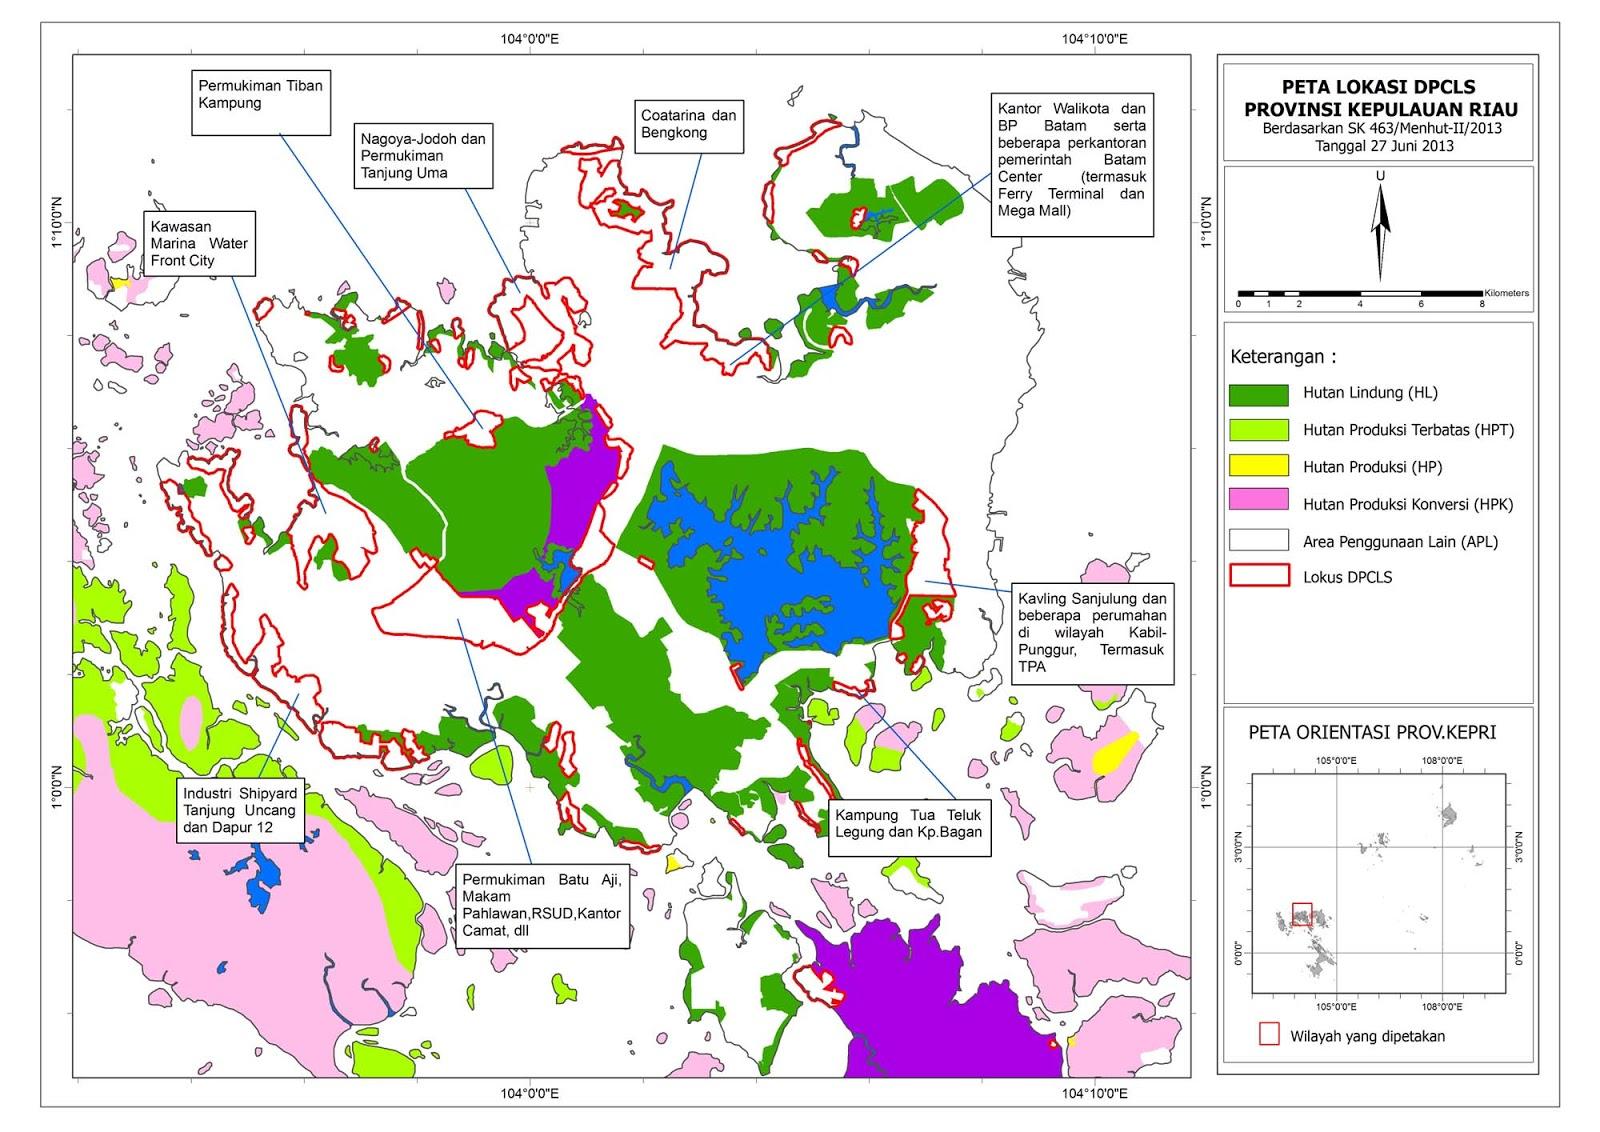 gt peta lengkap indonesia peta lokasi dpcls kepulauan riau